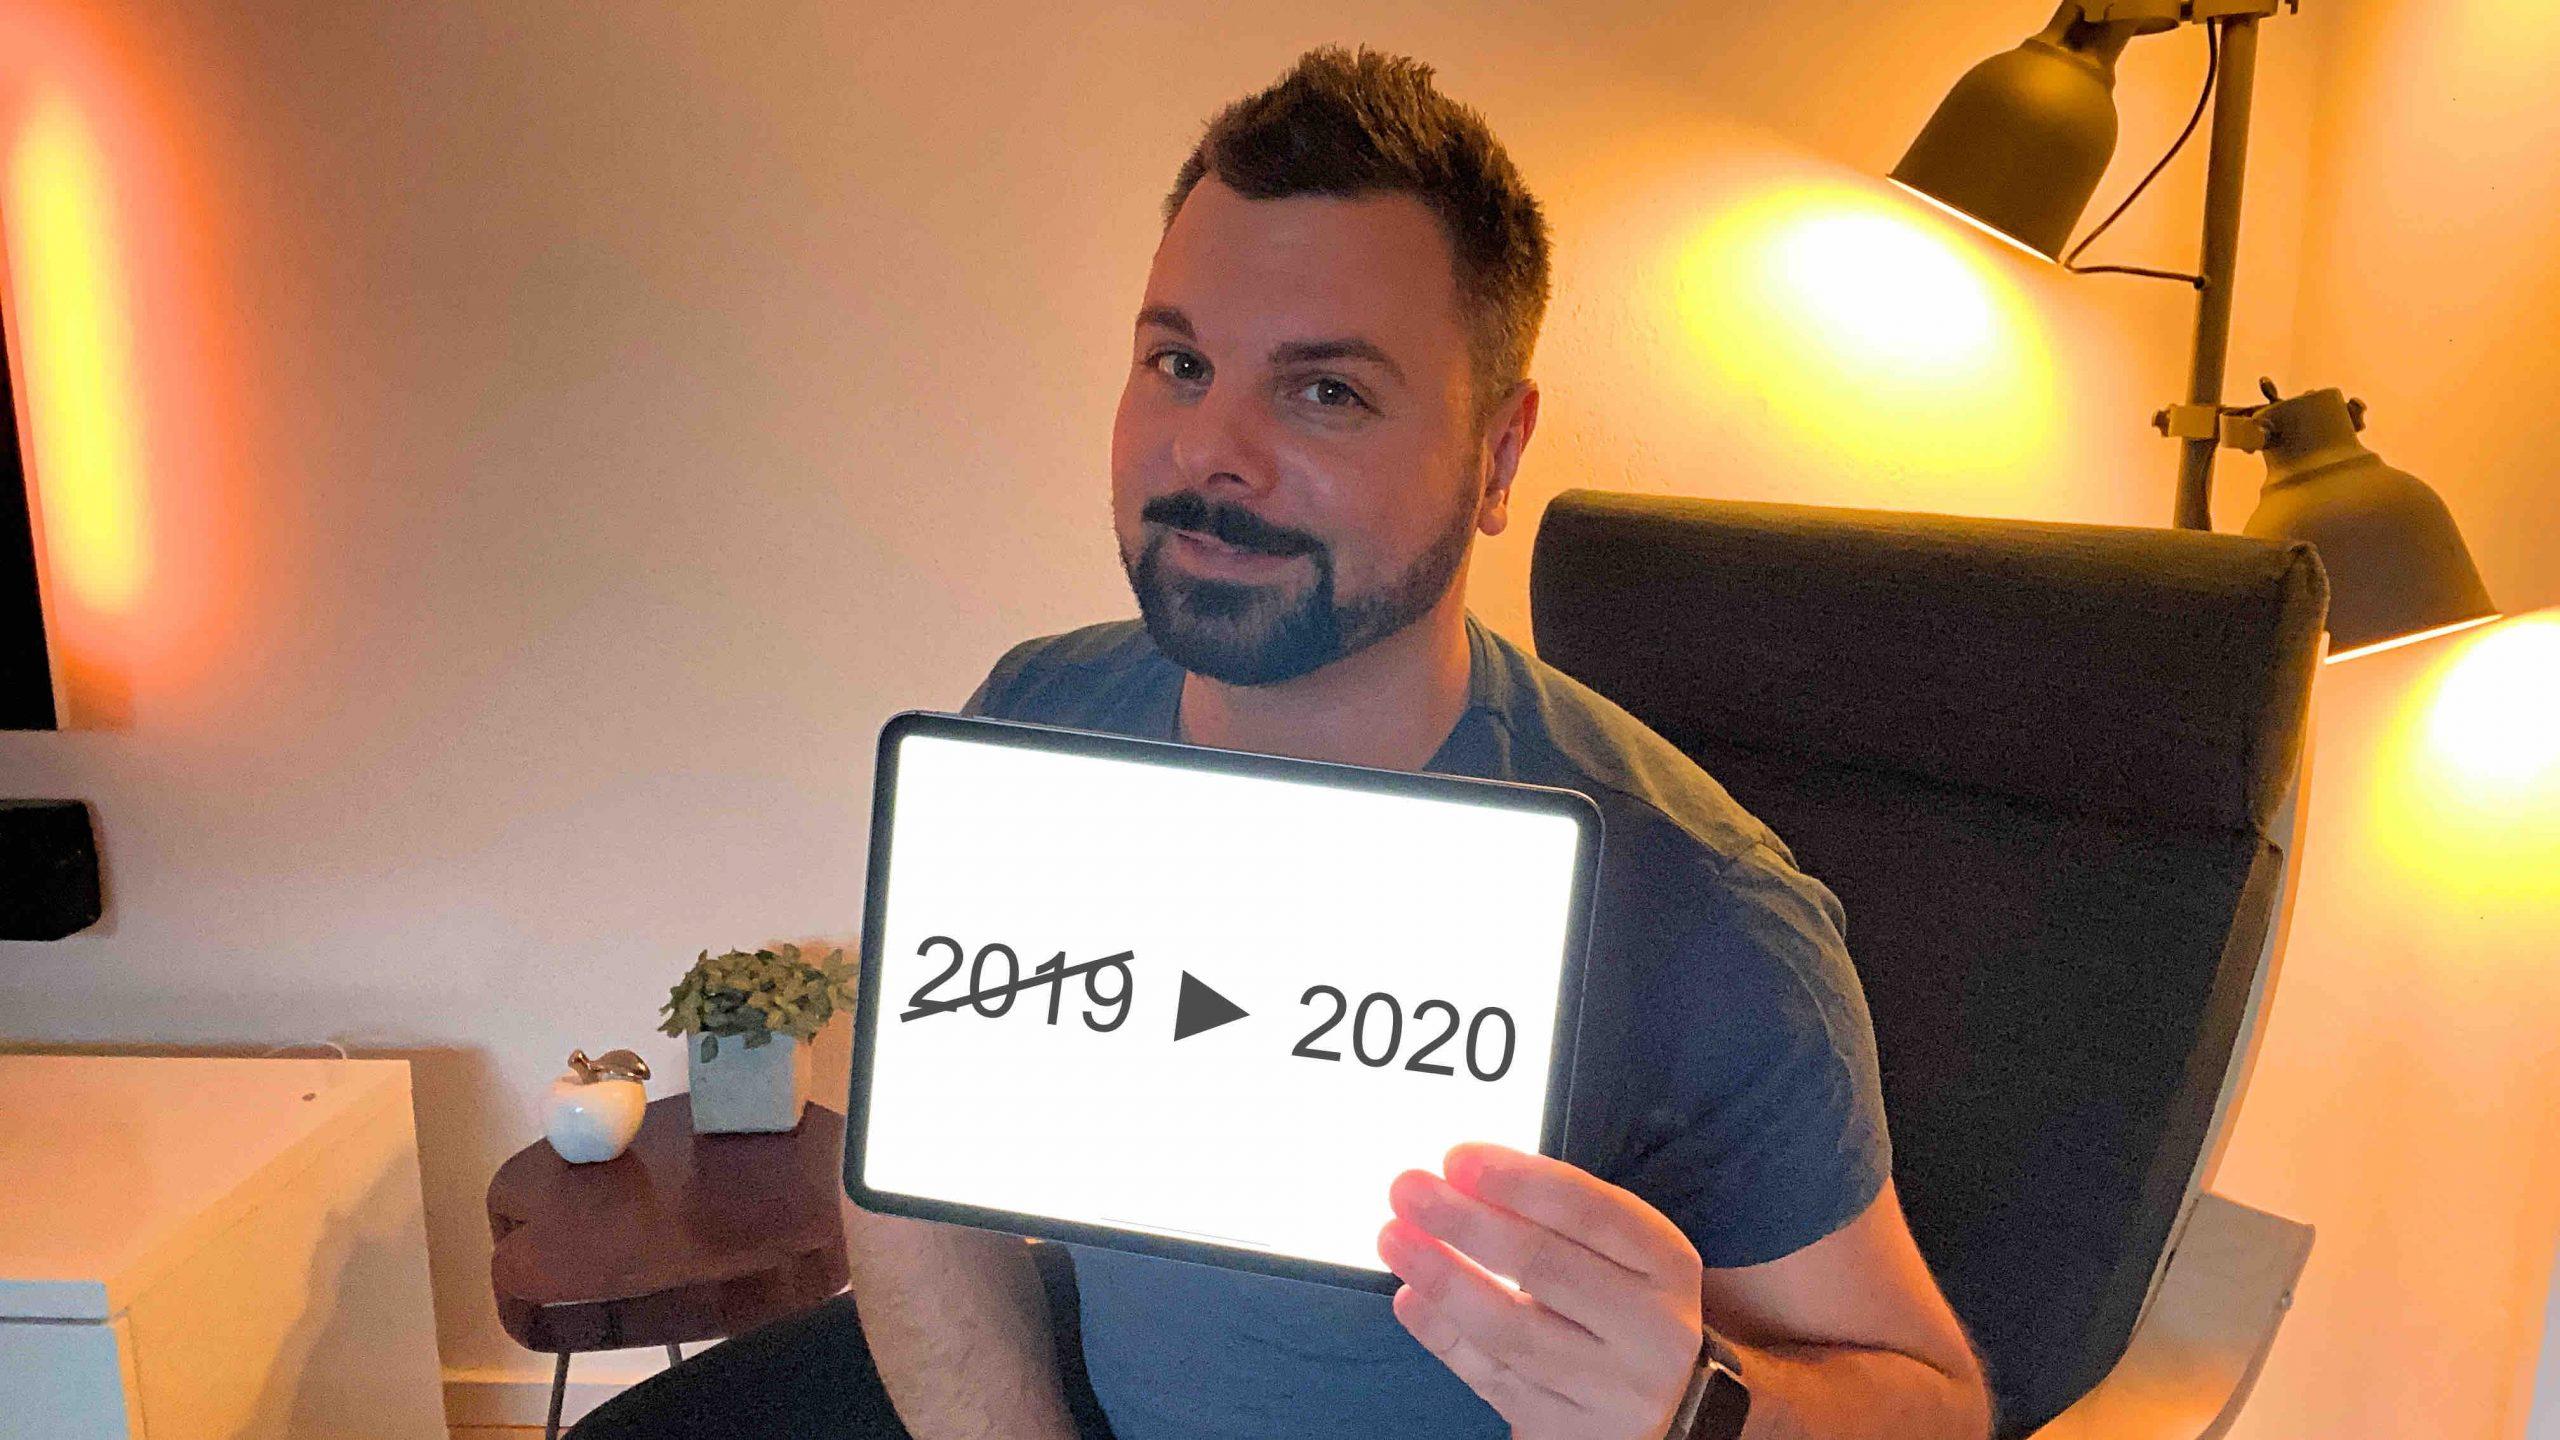 Das-war-2019-und-was-für-2020-ansteht-scaled Das war 2019 und was für 2020 ansteht